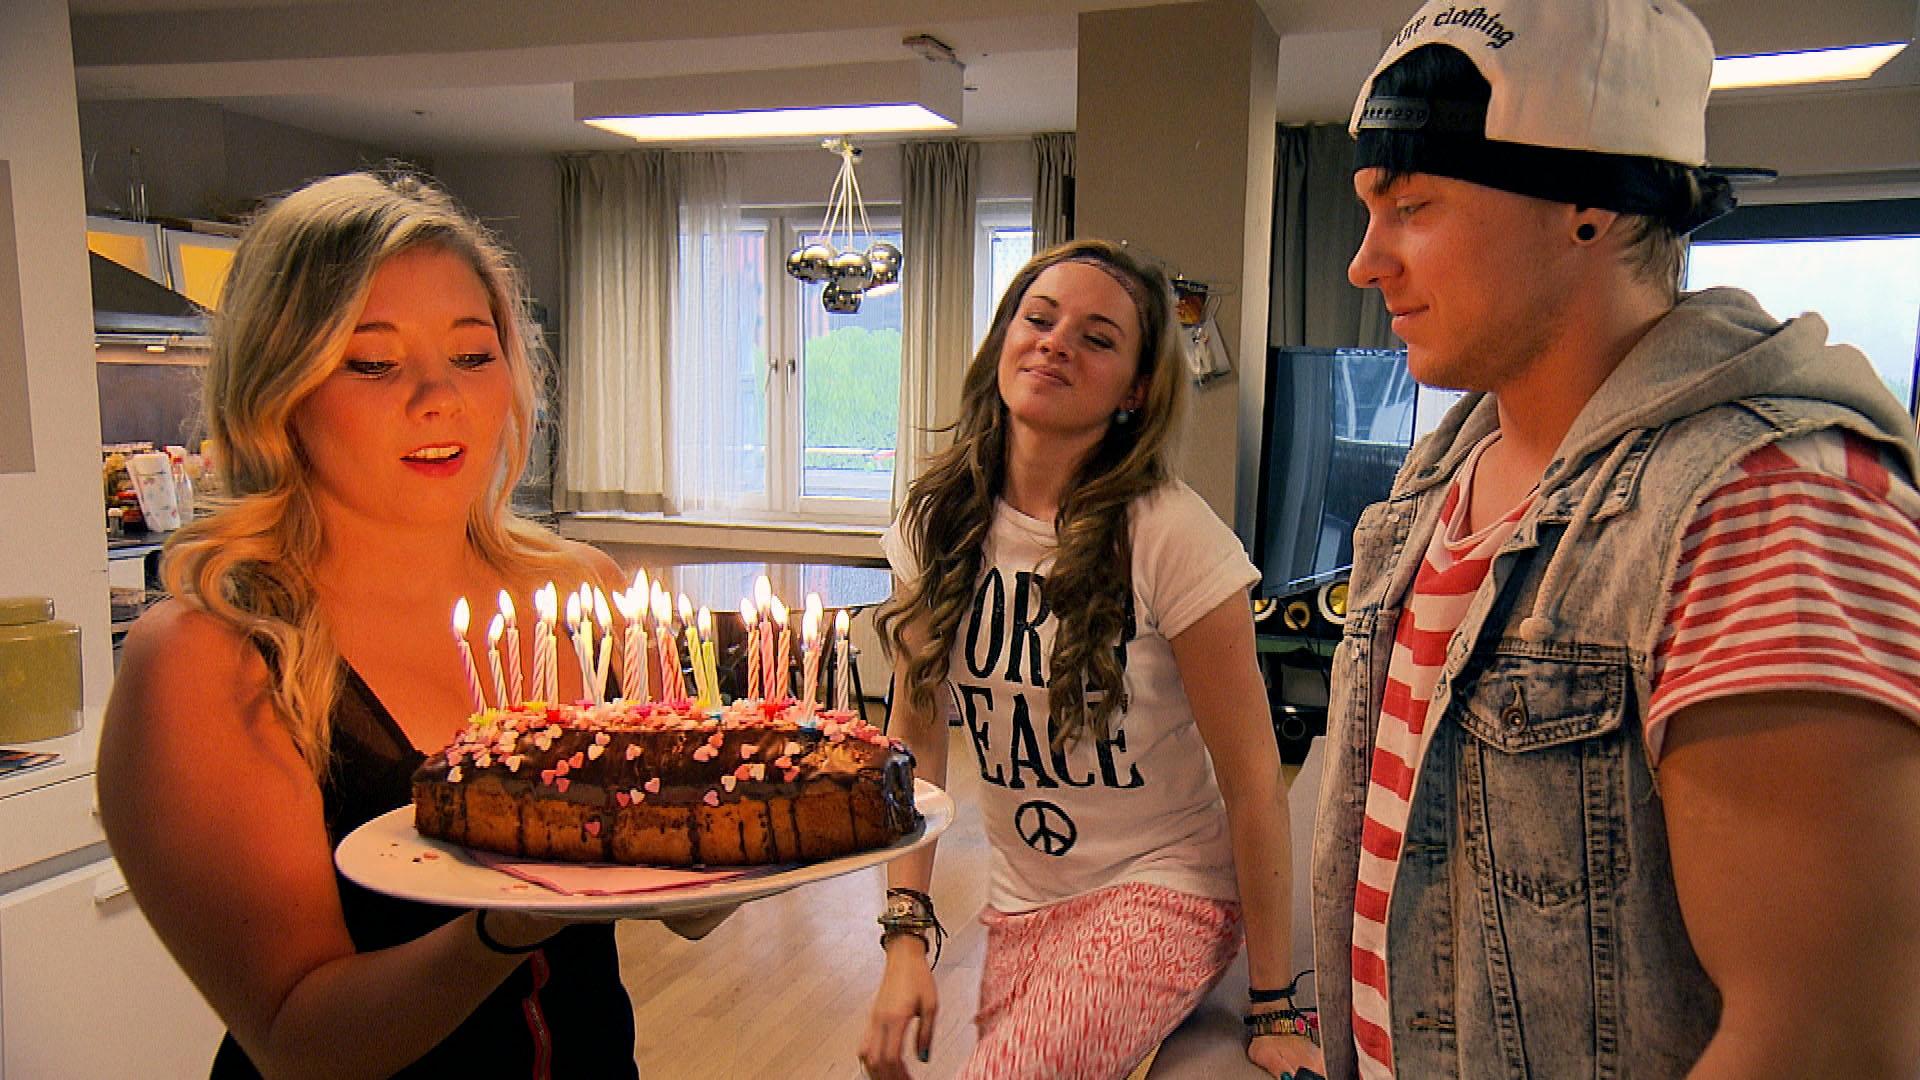 v.l.n.r.: Chantal, Anna, Kevin (Quelle: RTL 2)